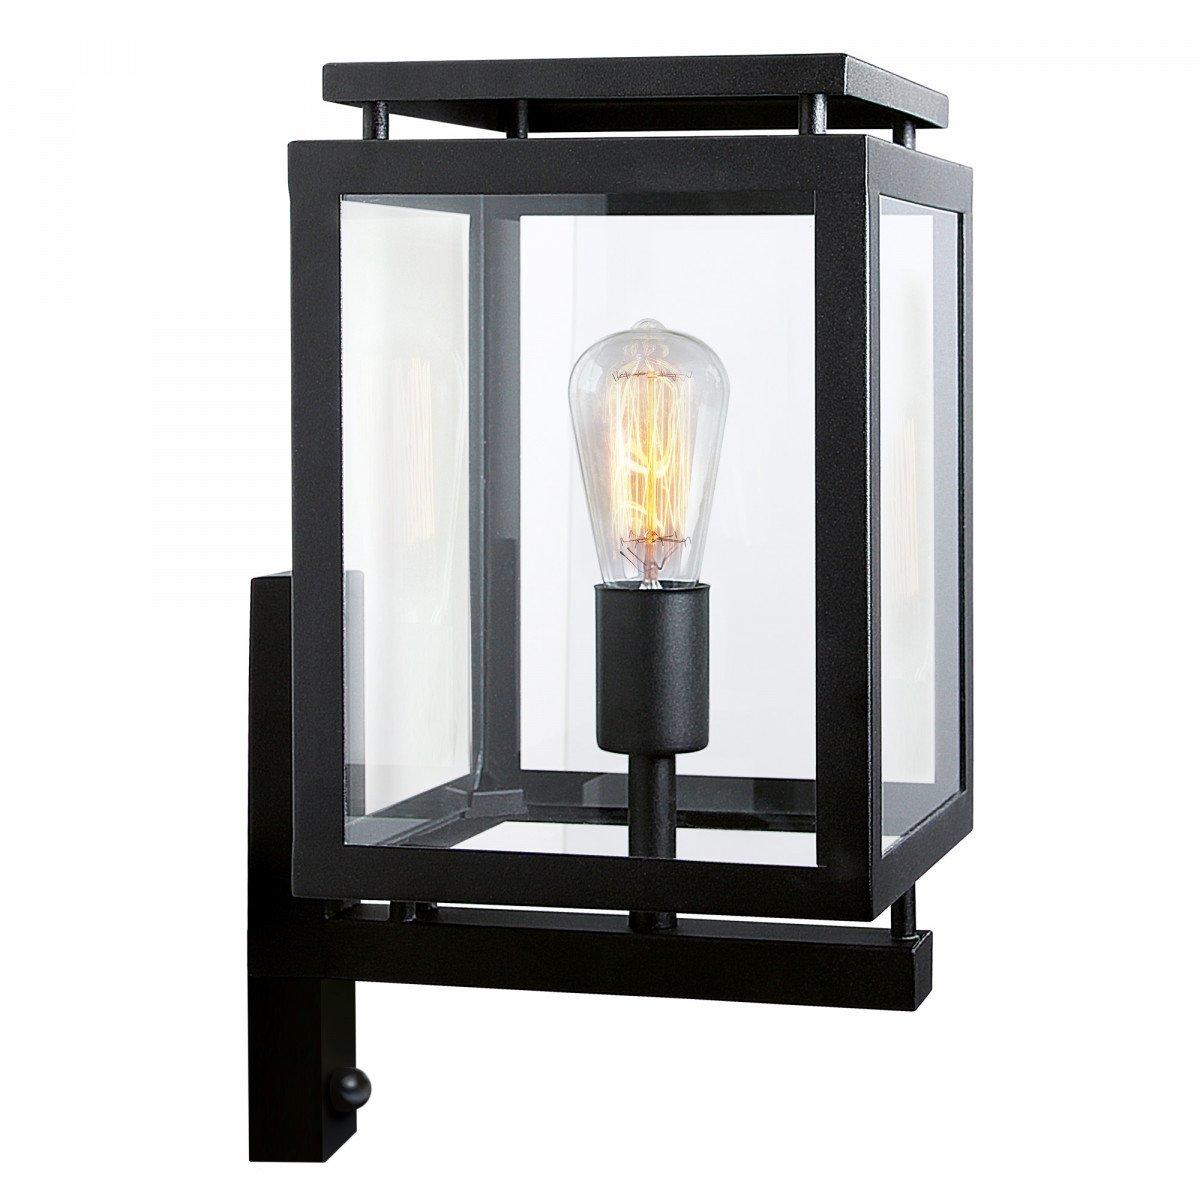 Buitenlamp De Vecht met bewegingssensor, moderne strakke buitenverlichting voor aan de wand, zwarte frame, helder glas, inclusief sensor